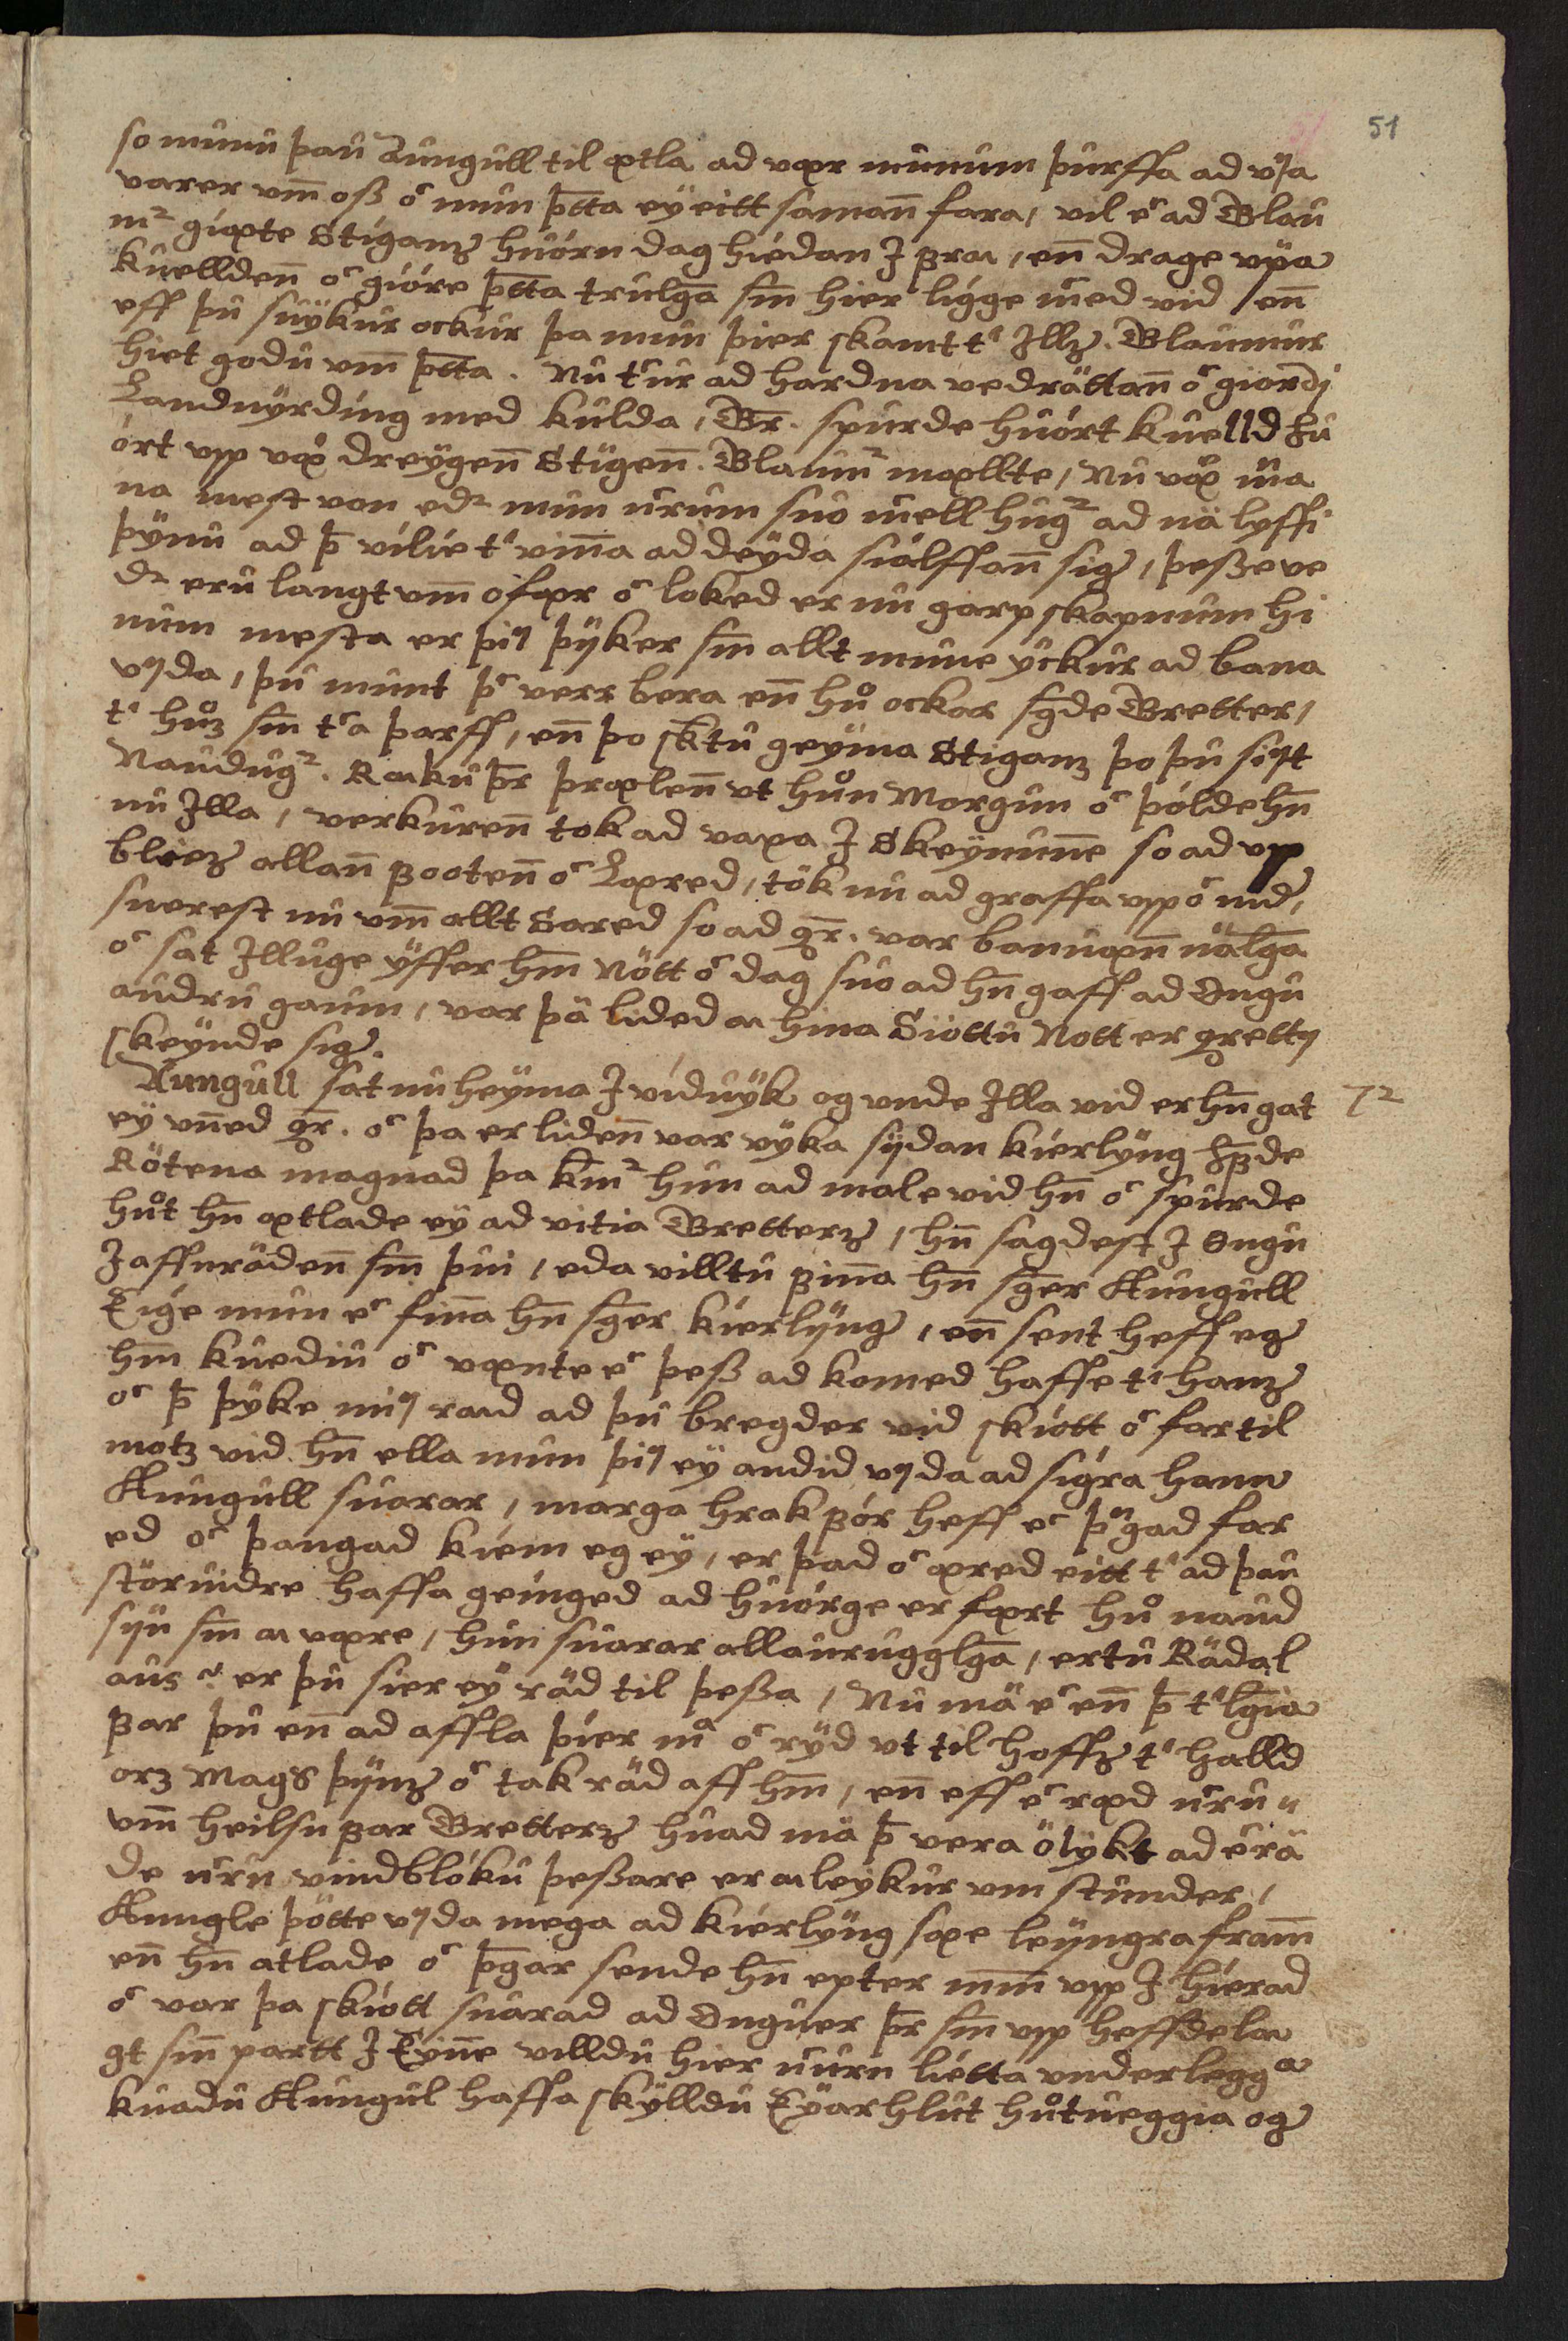 AM 151 fol - 51r